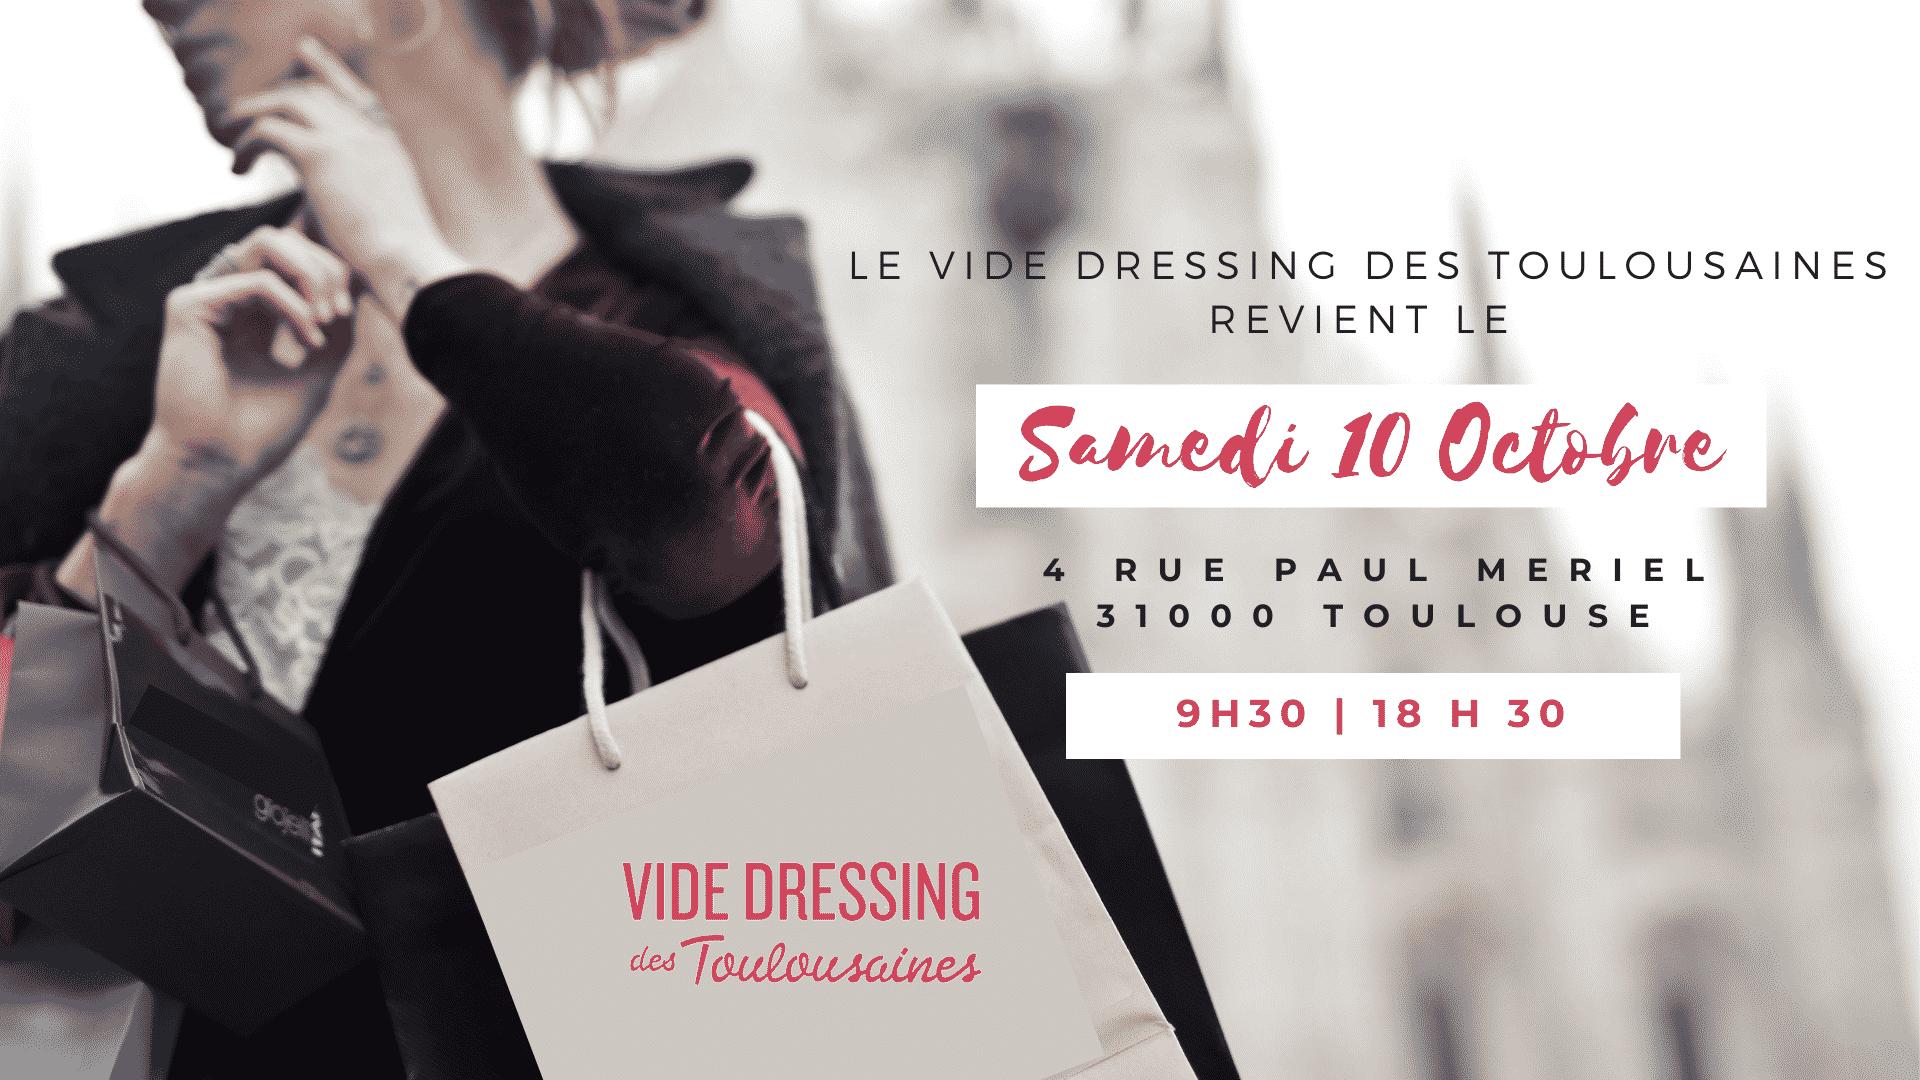 Vide_dressing_des_toulousaines_nouvelle_date